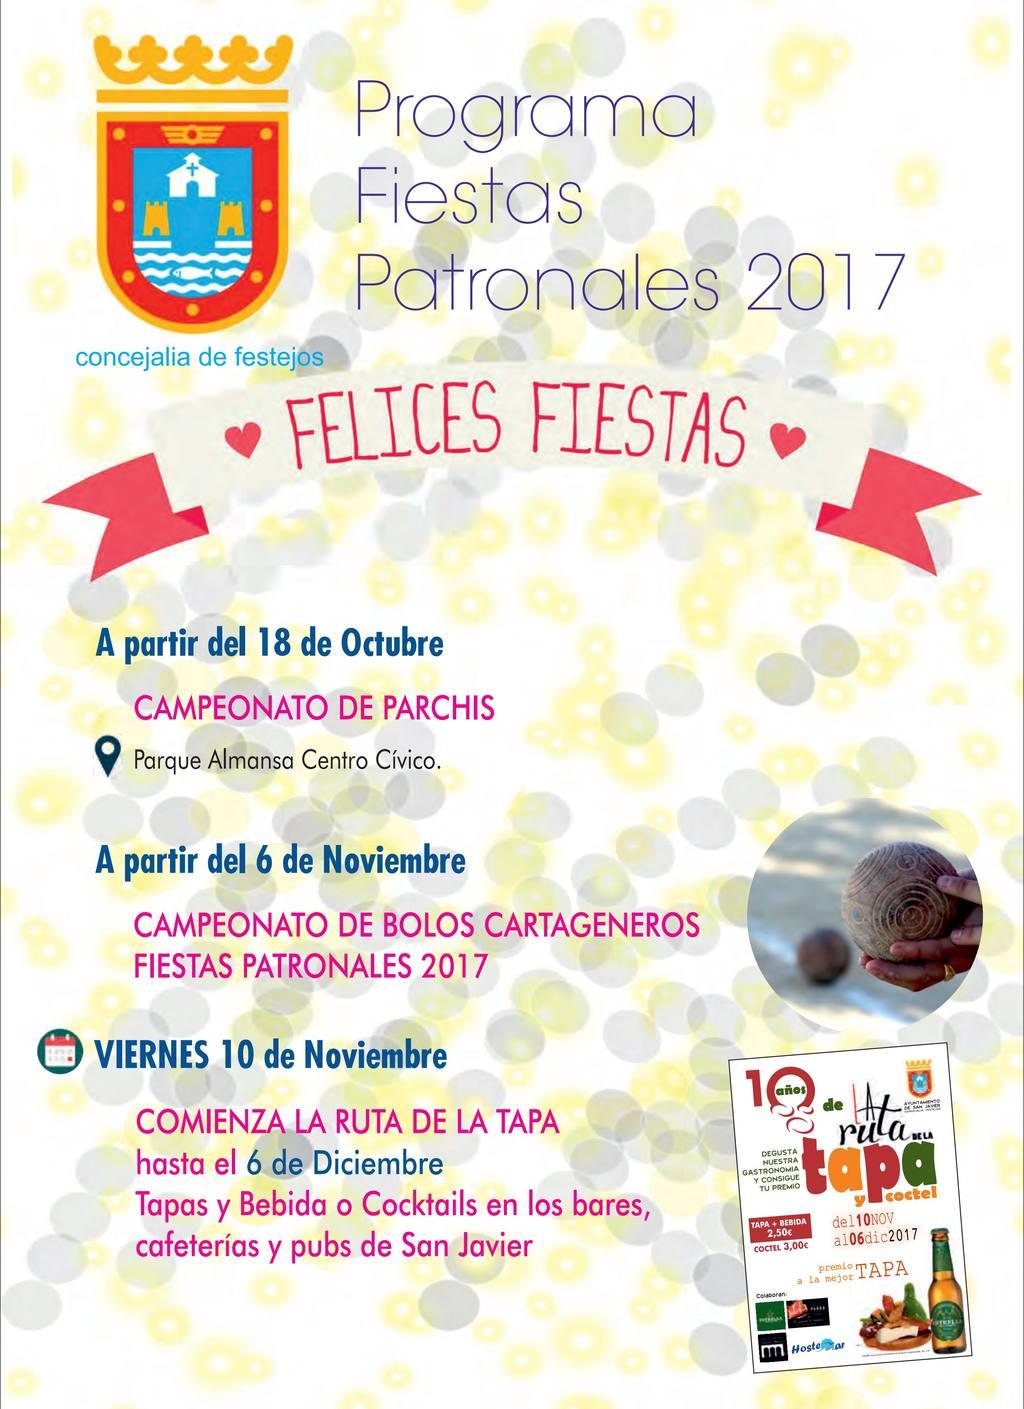 Programación Fiestas de San Javier 2017